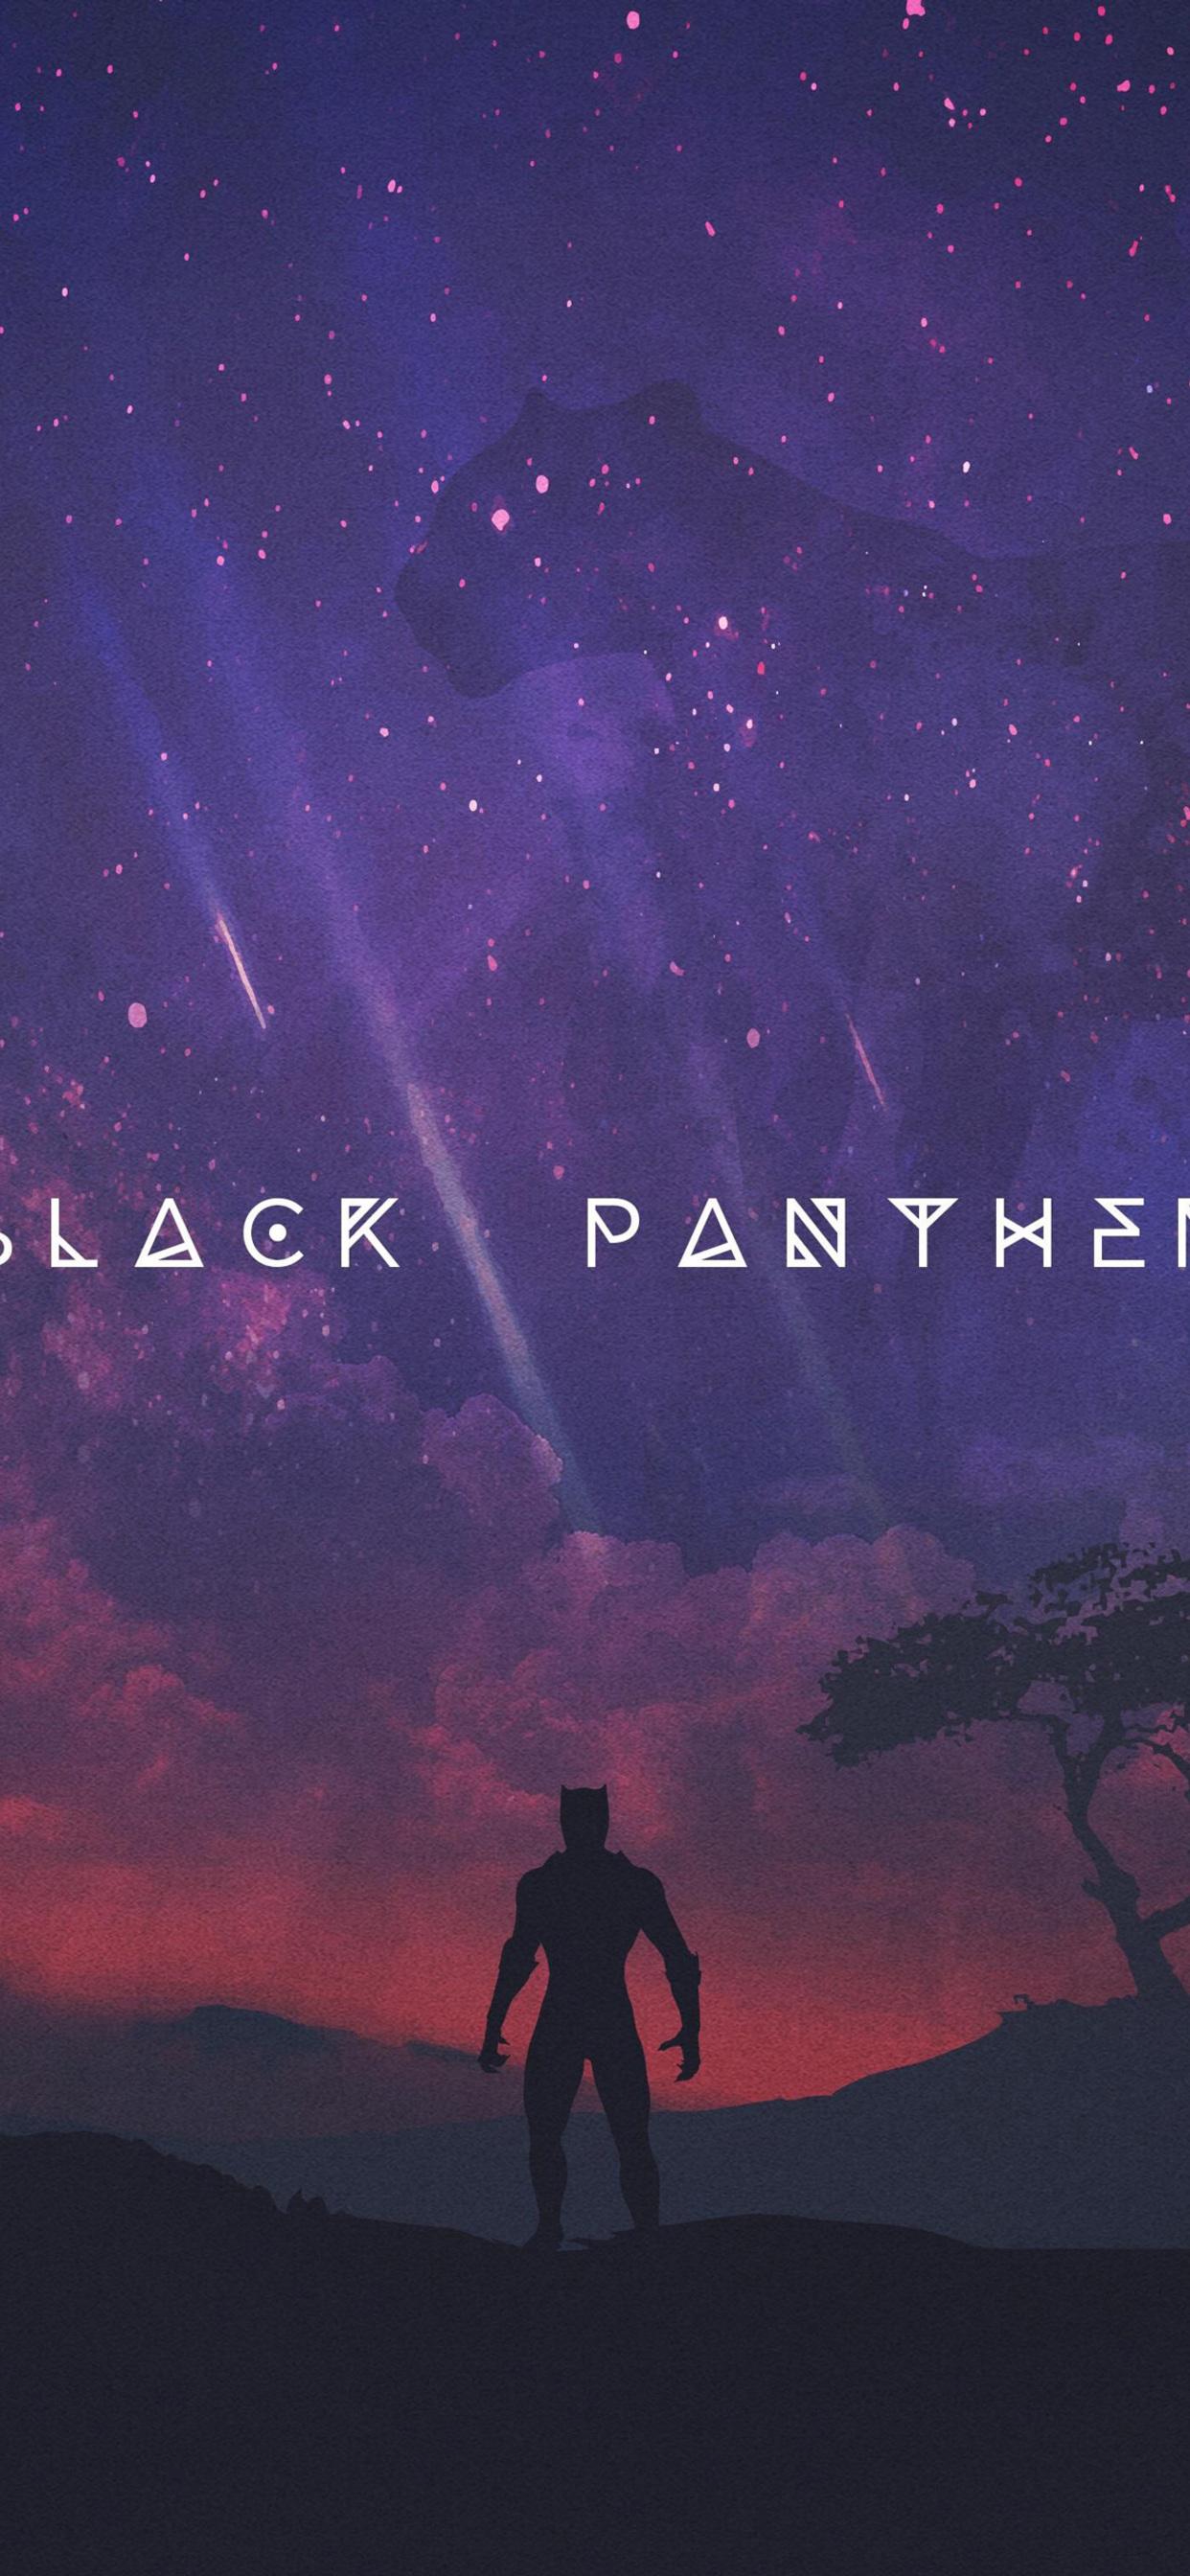 black-panther-movie-artwork-2018-ju.jpg